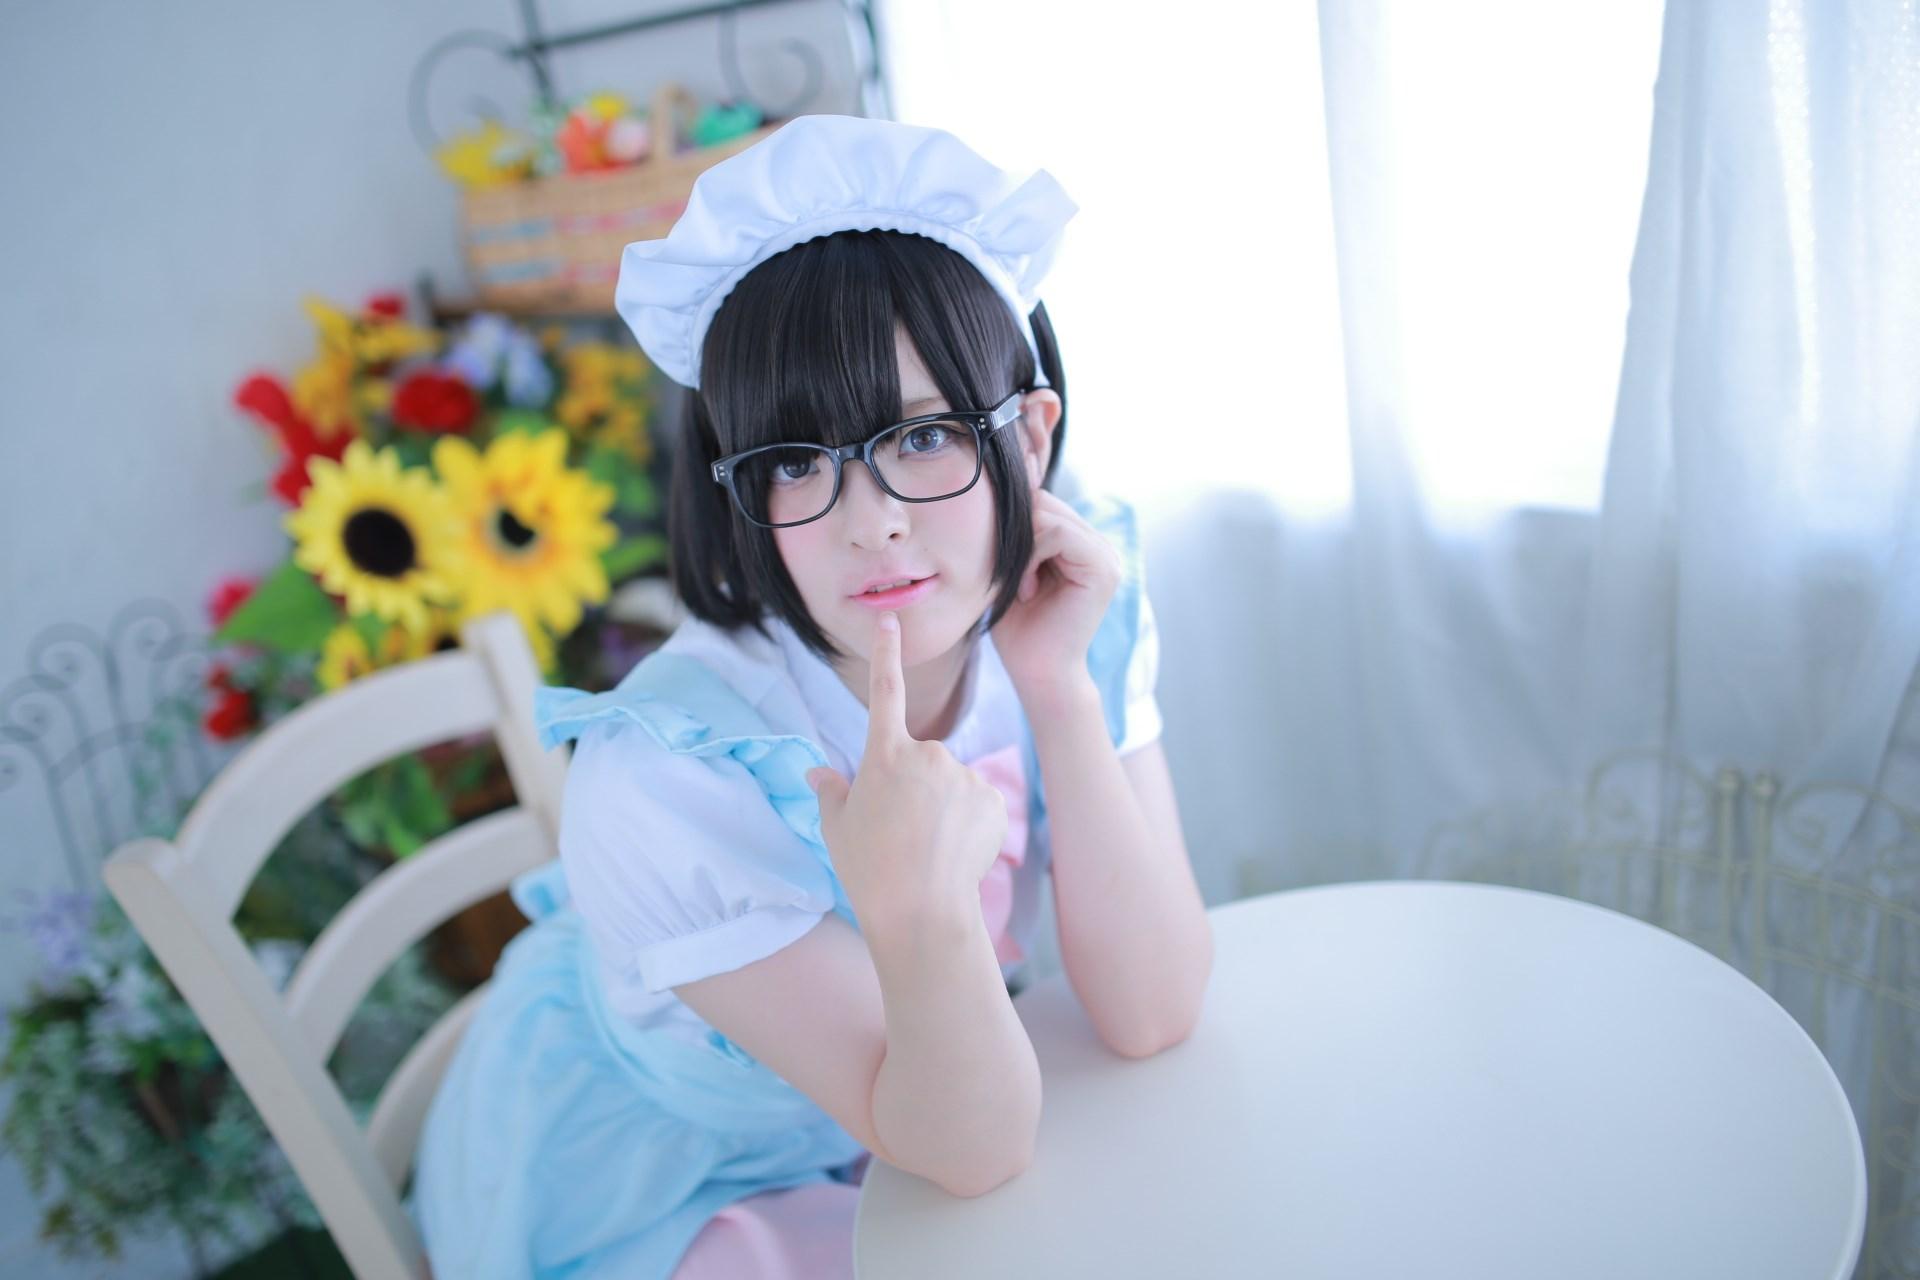 【兔玩映画】眼镜女仆 兔玩映画 第32张